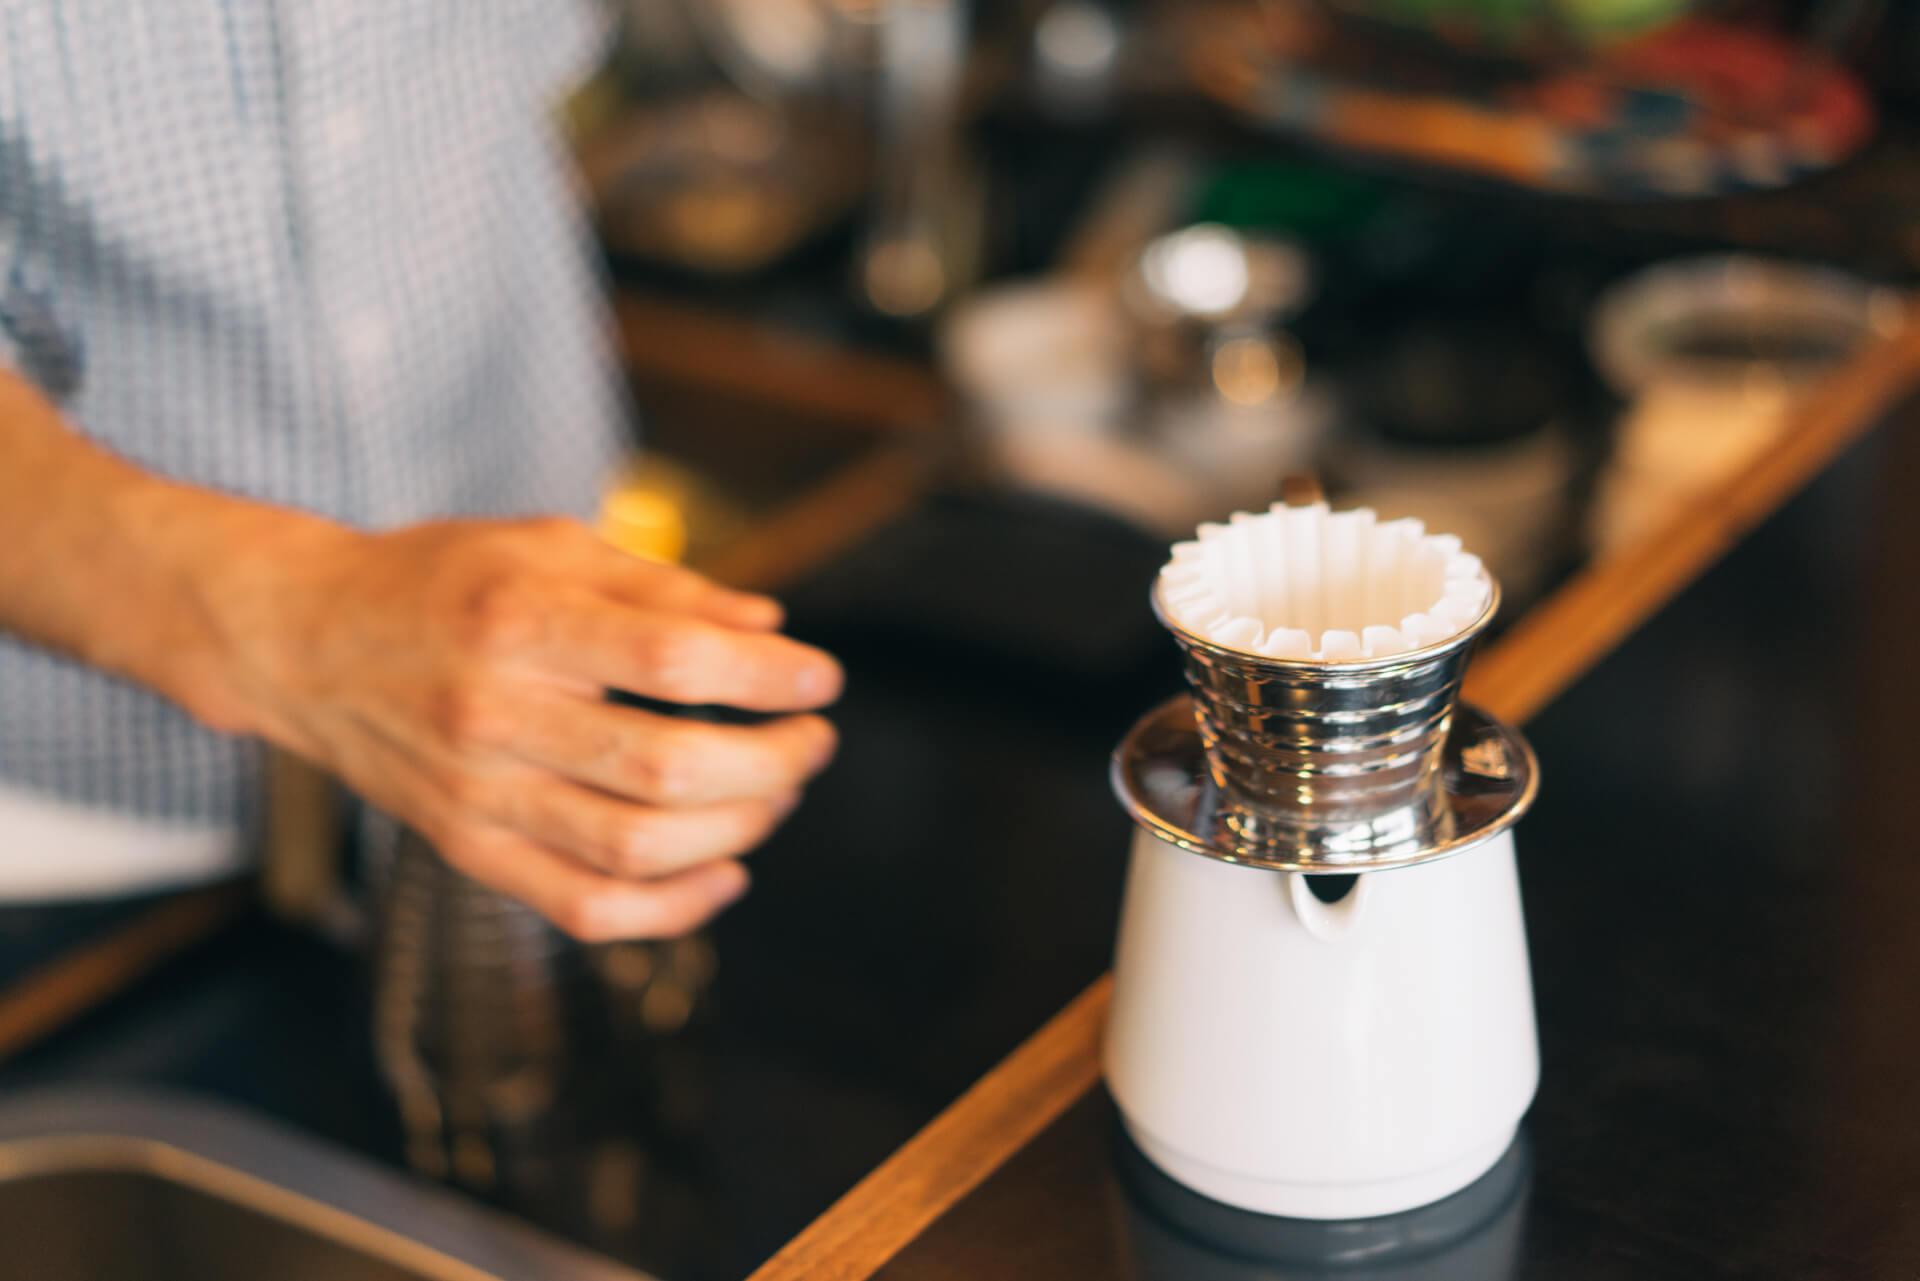 使用するのは、カリタウェーブ。フィルターが波形になっていて、コーヒーがフィルターとドリッパーの間から流れ、均一に淹れられます。「安定するので、おすすめです。自宅でも使っていますよ」と高橋さん。